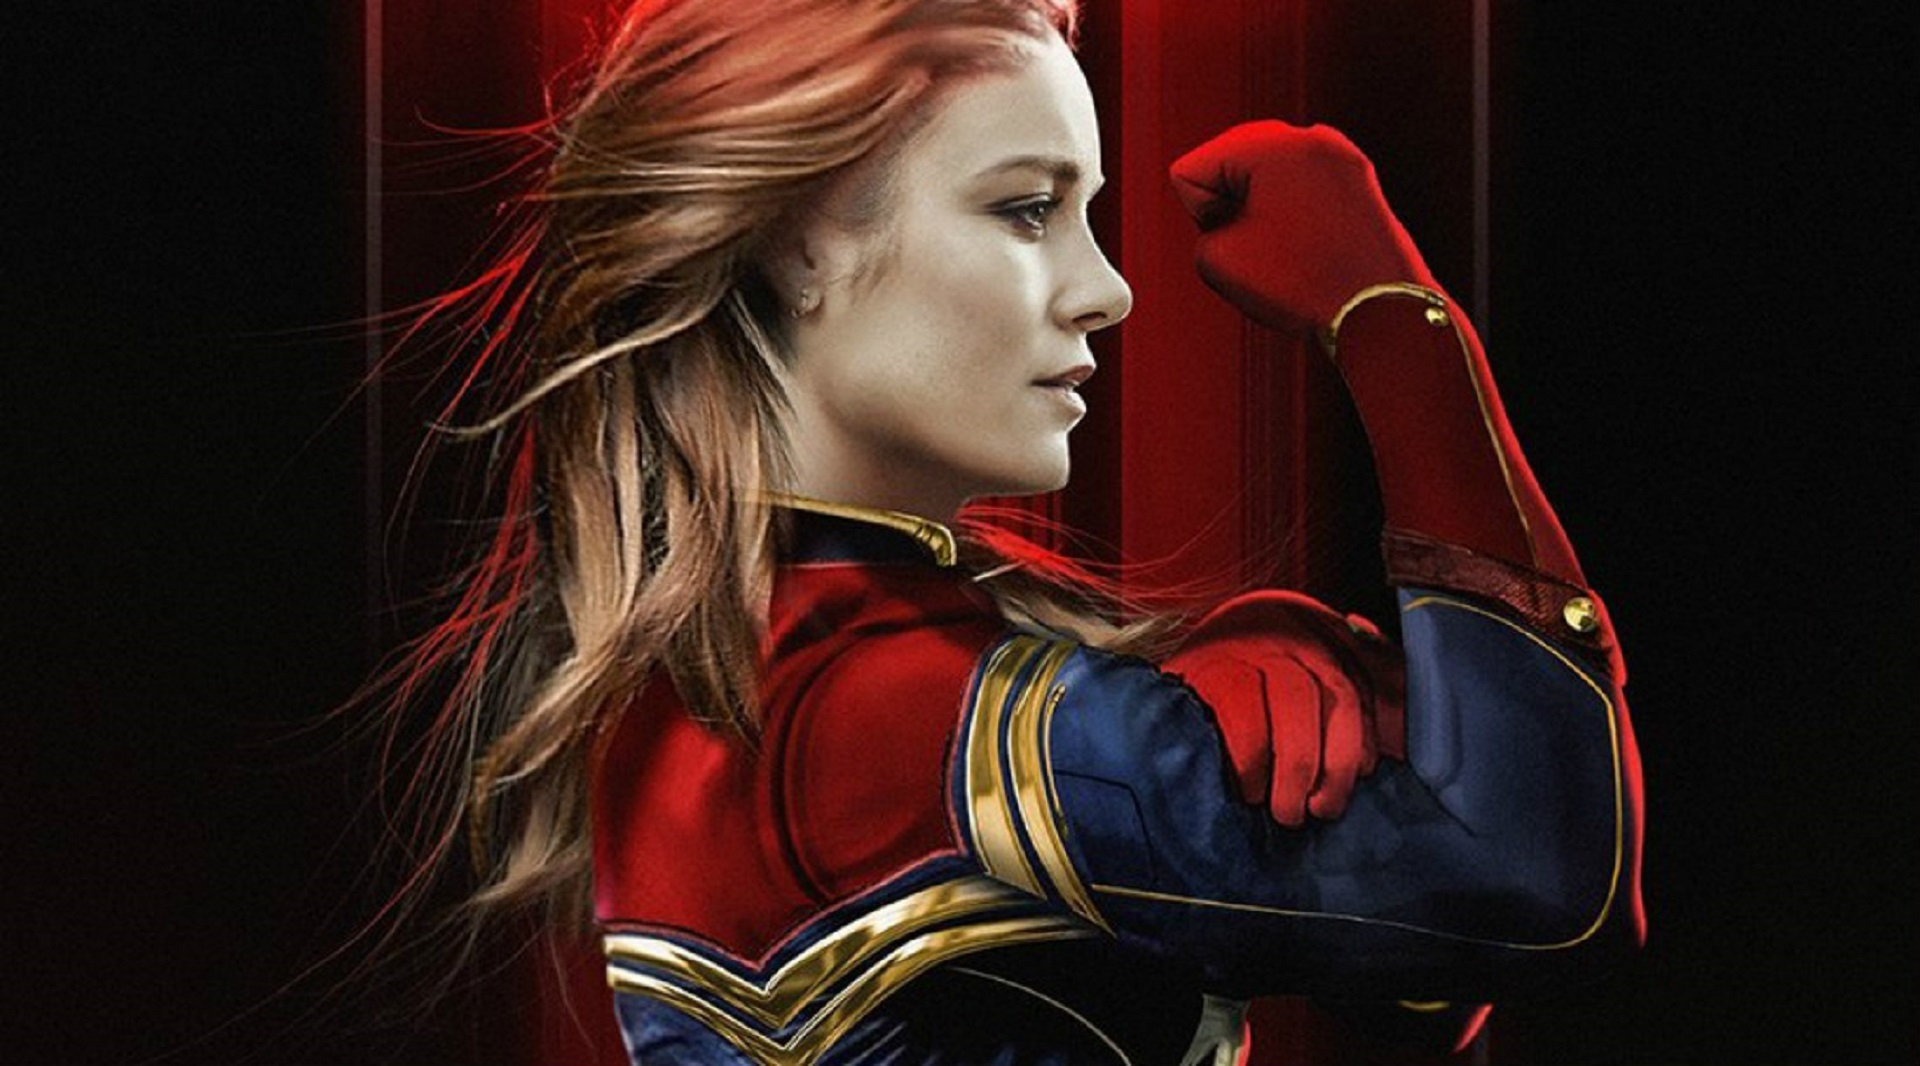 جزئیات داستان قسمت دوم فیلم کاپیتان مارول(Captain Marvel 2)